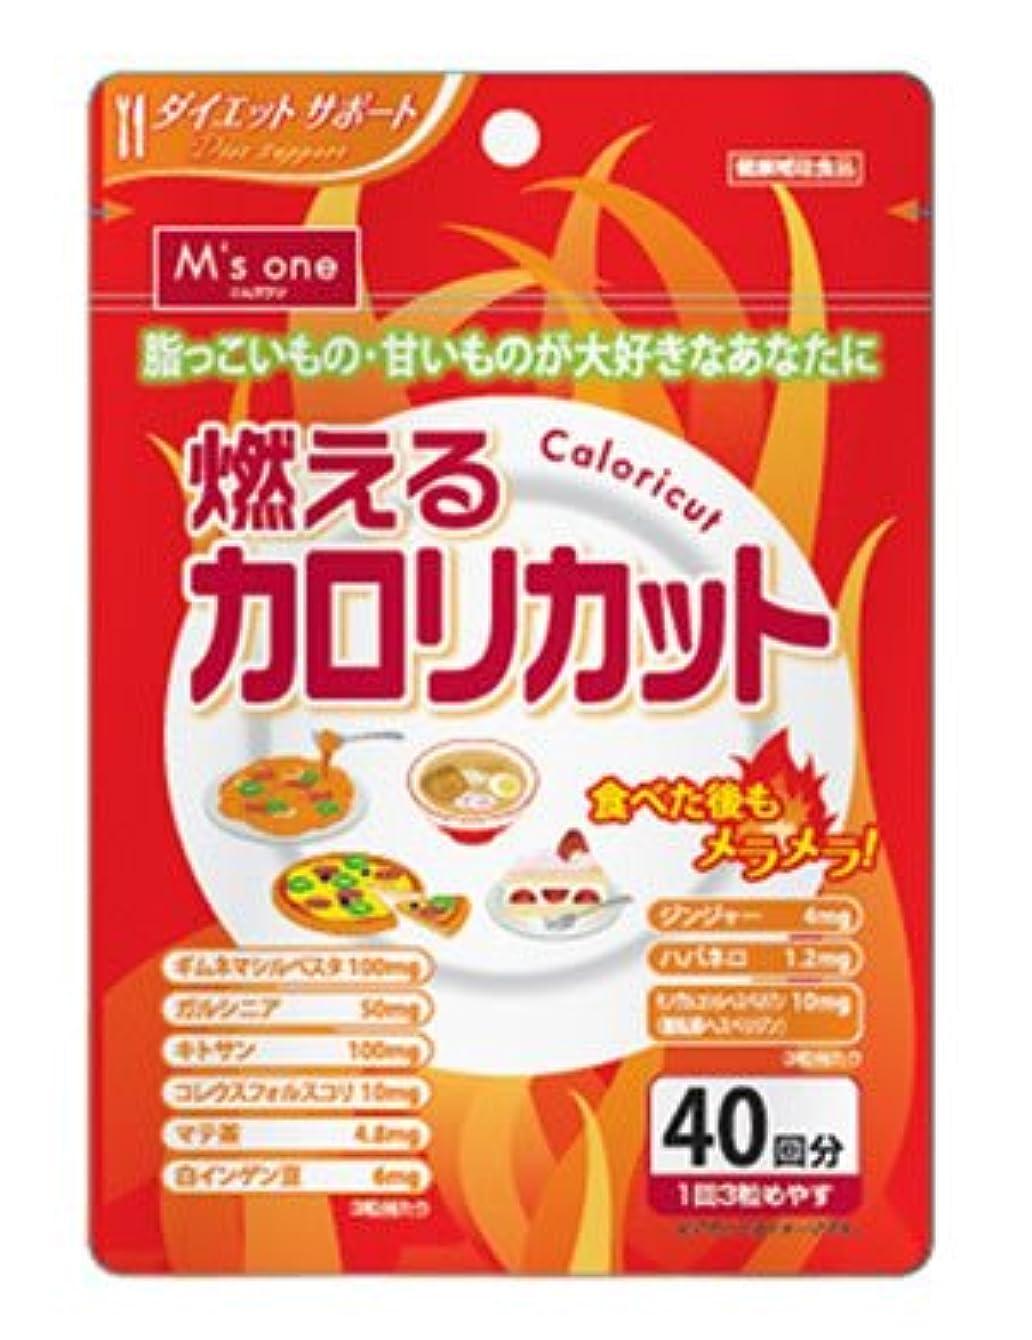 隠許可するシェルターエムズワン 燃えるカロリカット ダイエットサポート サプリメント 健康補助食品 (40回分)